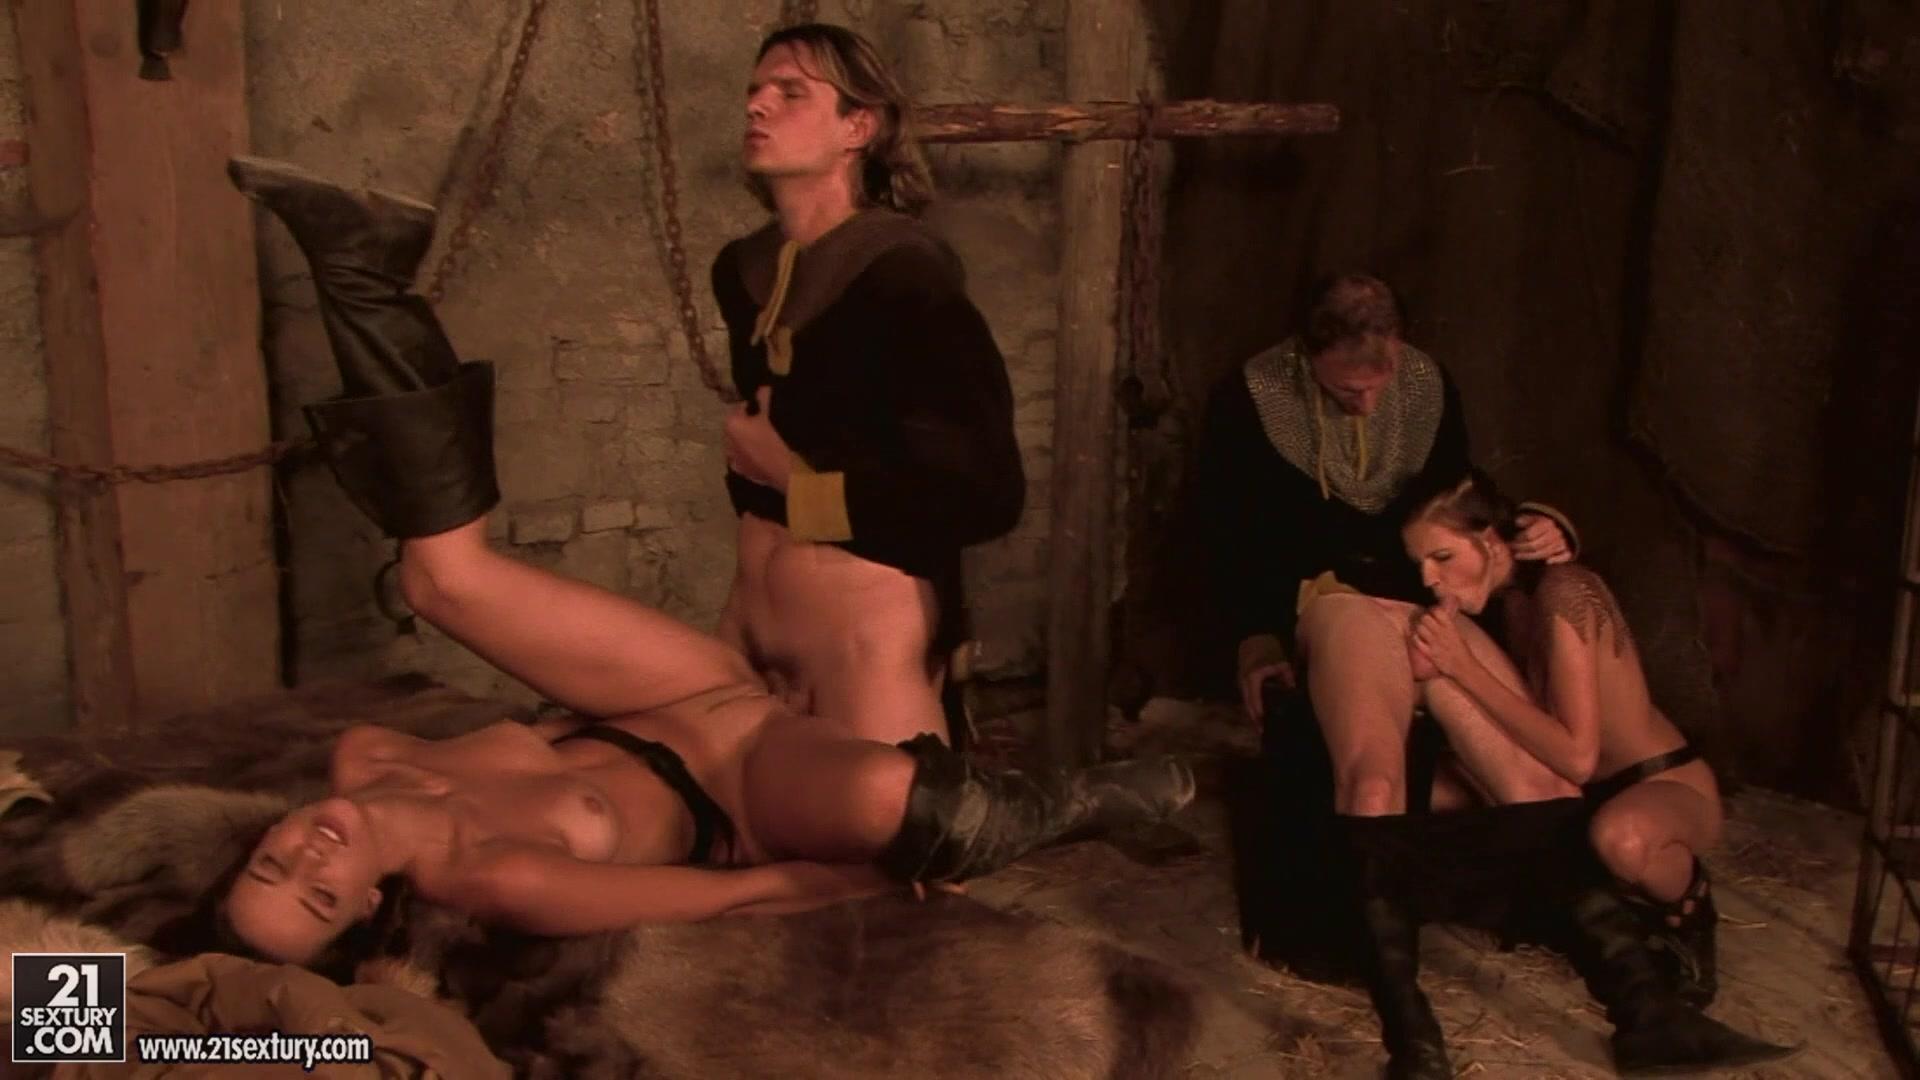 Смотреть онлайн секс средневековье 5 фотография